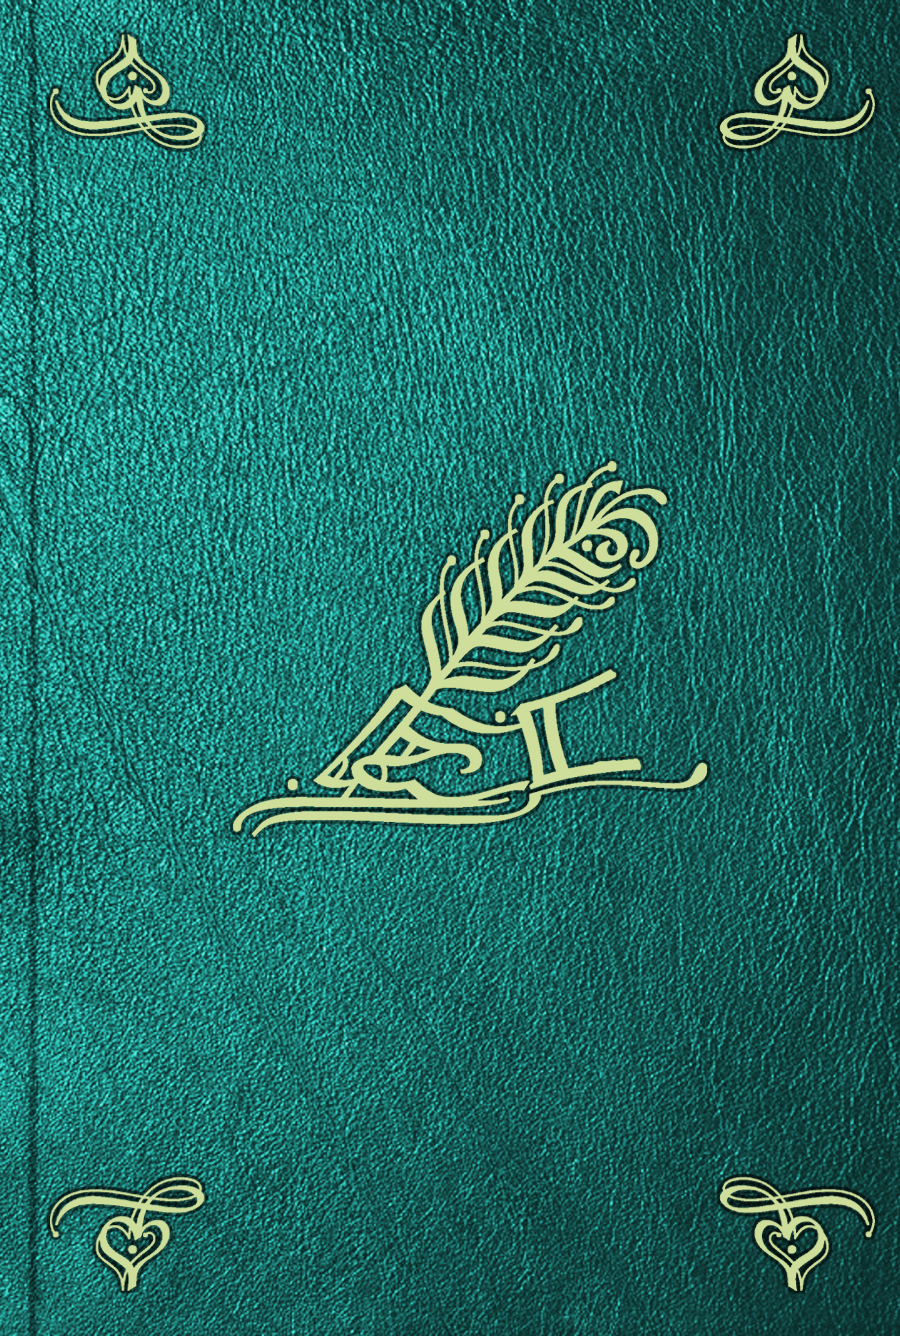 Corneille Le Brun Voyages de Corneille Le Brun au Levant. T. 1 guillaume de la galaisière voyage dans les mers de l inde t 5